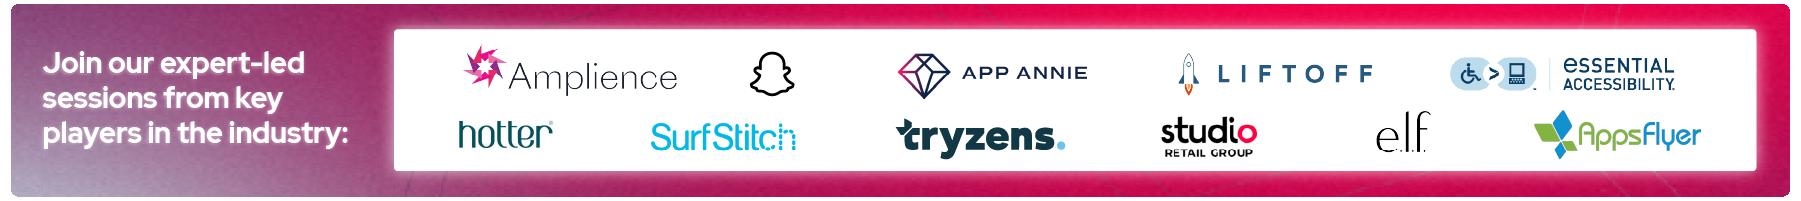 apprising - logo banner (v2)